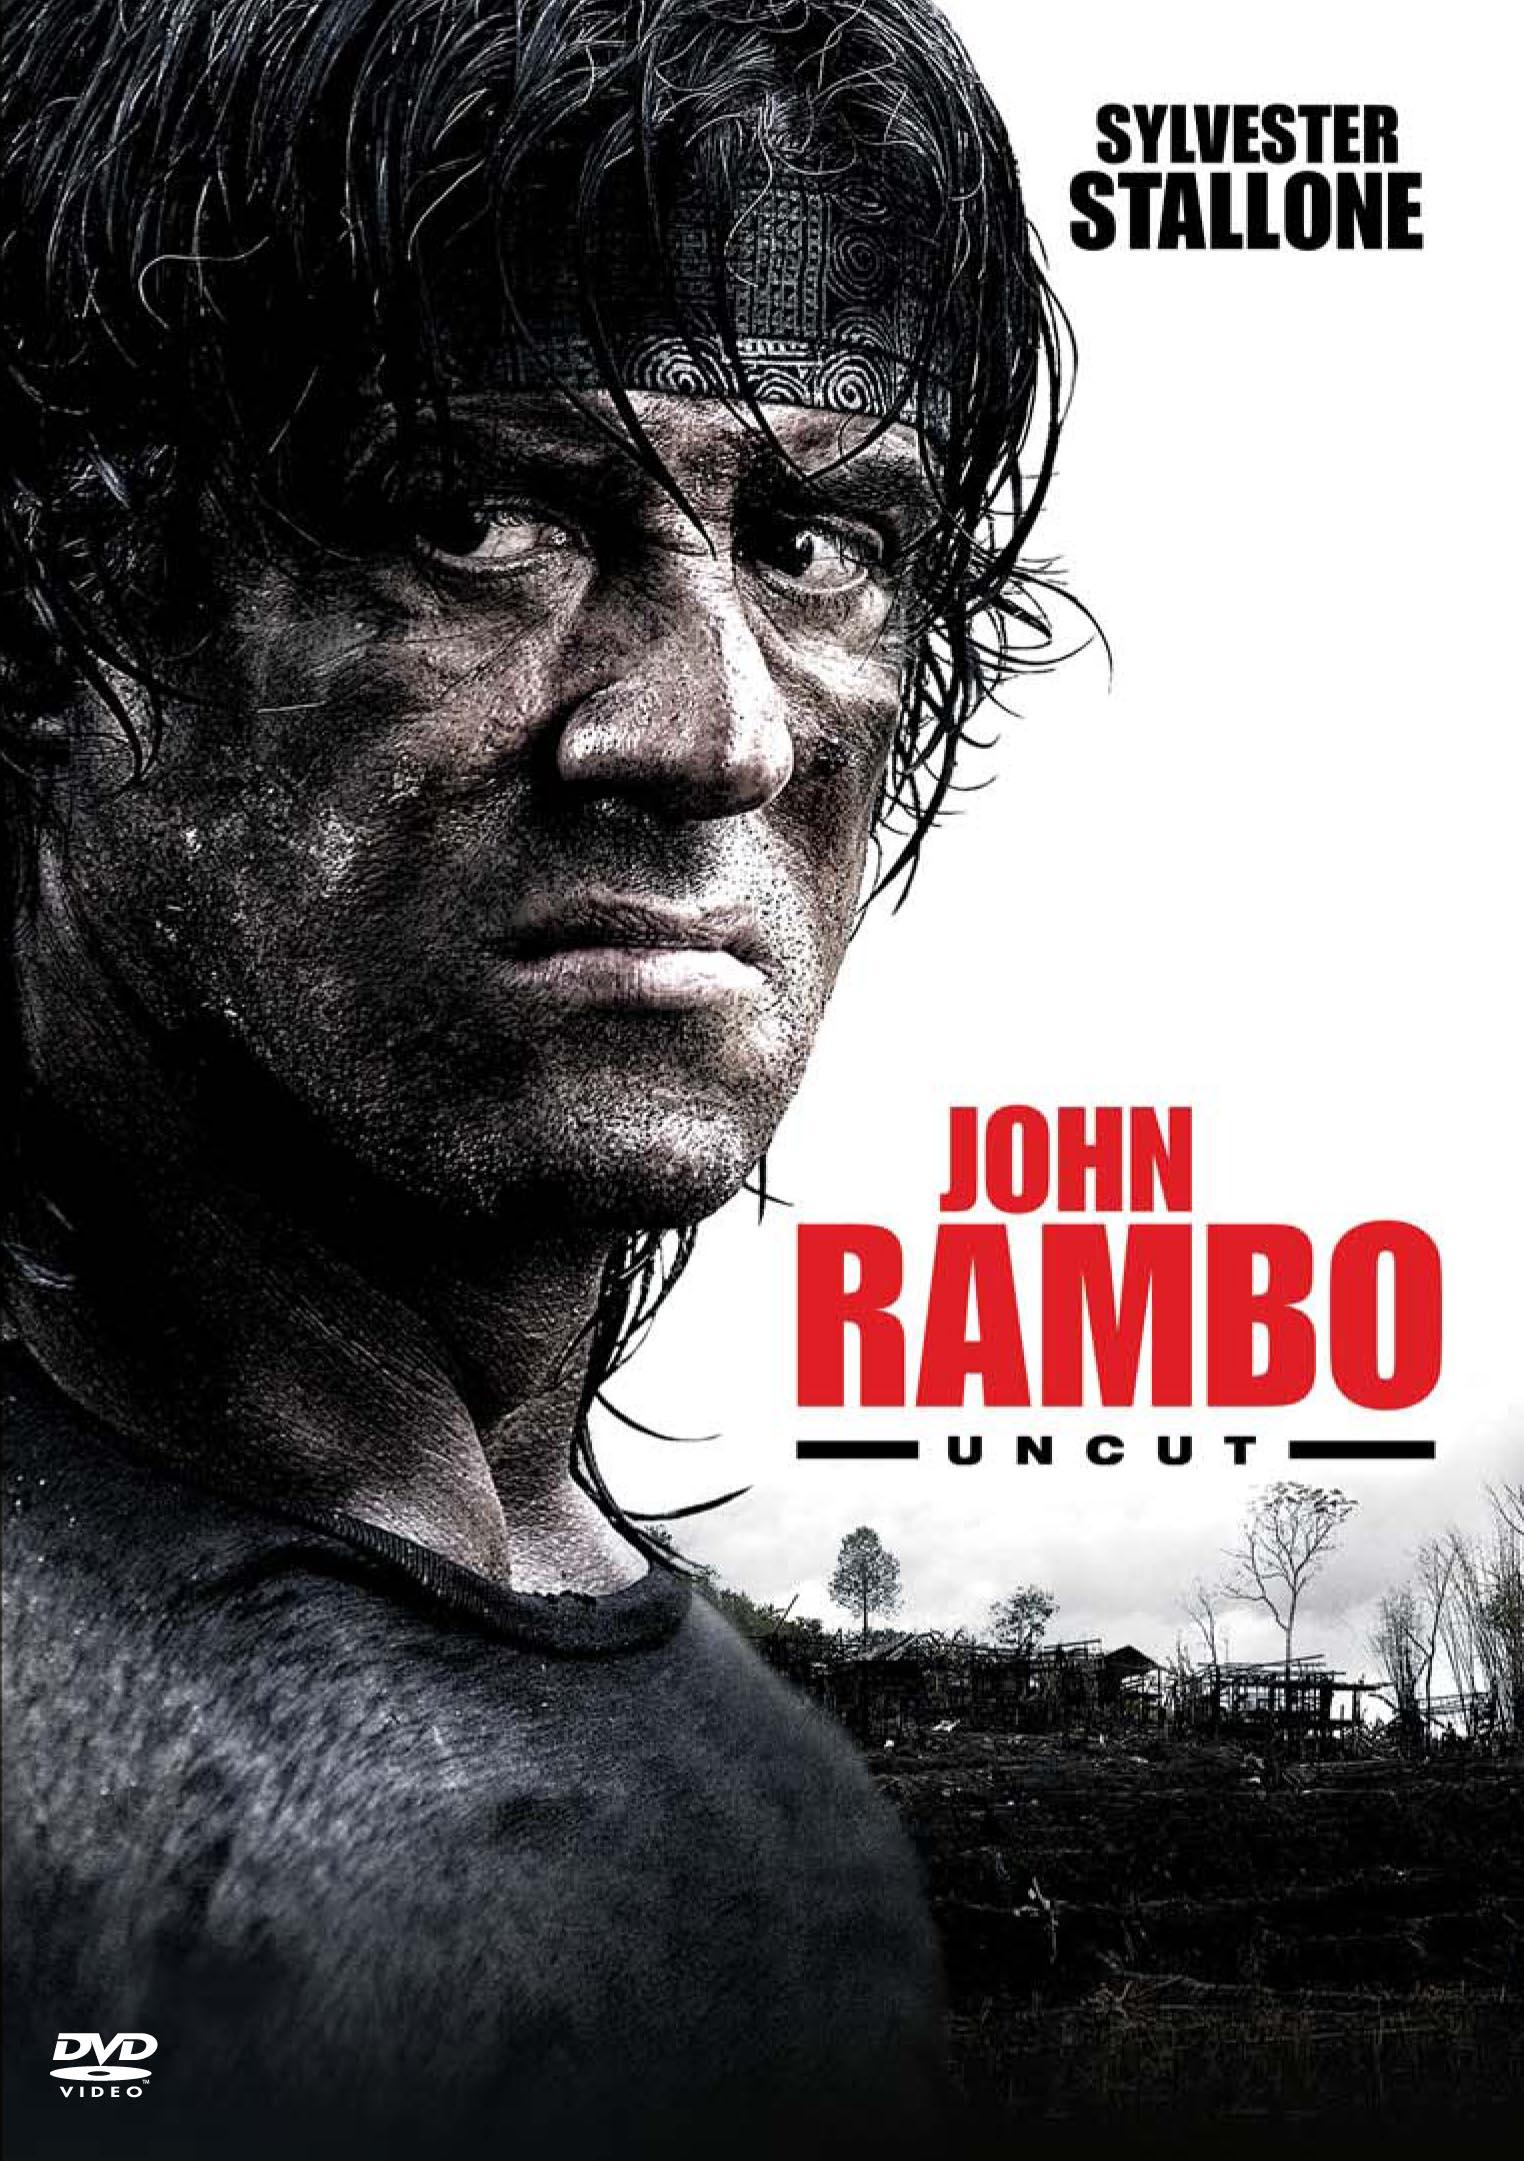 John Rambo | Film-Reze...